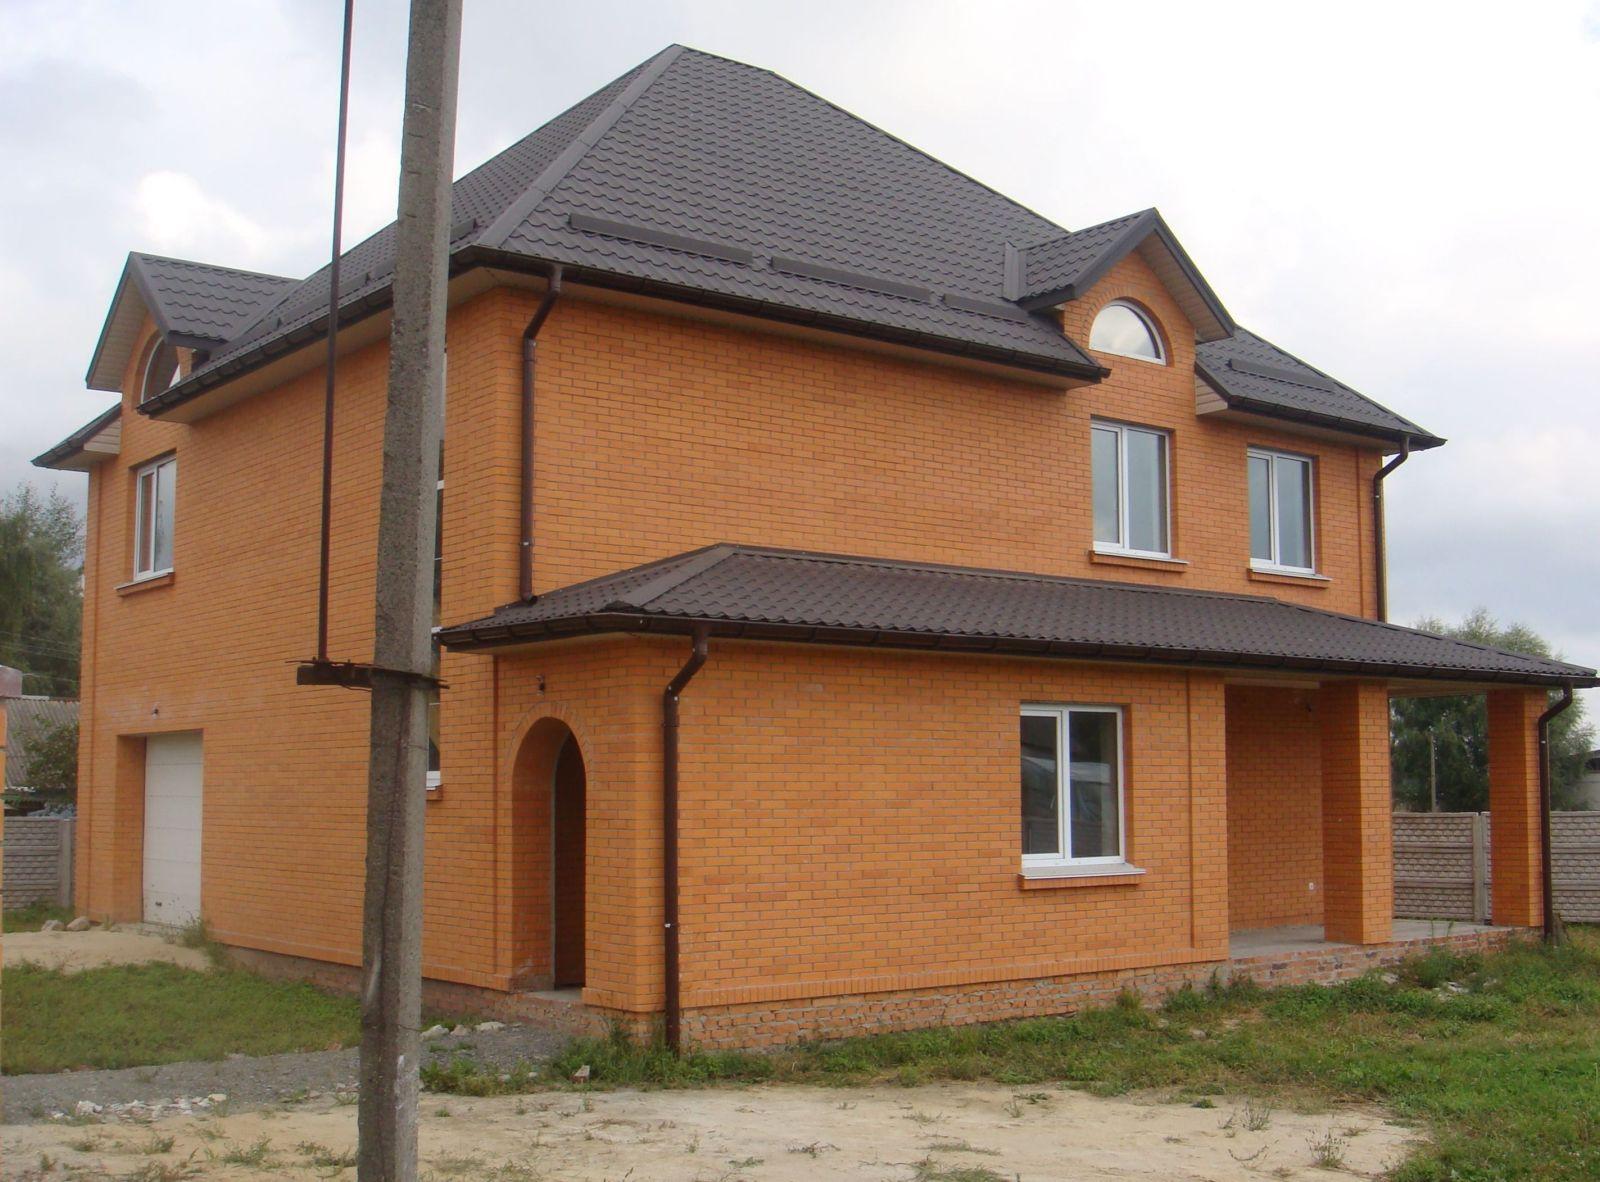 Строительство кирпичного коттеджа или дома требует особого внимания, ведь данные сооружения